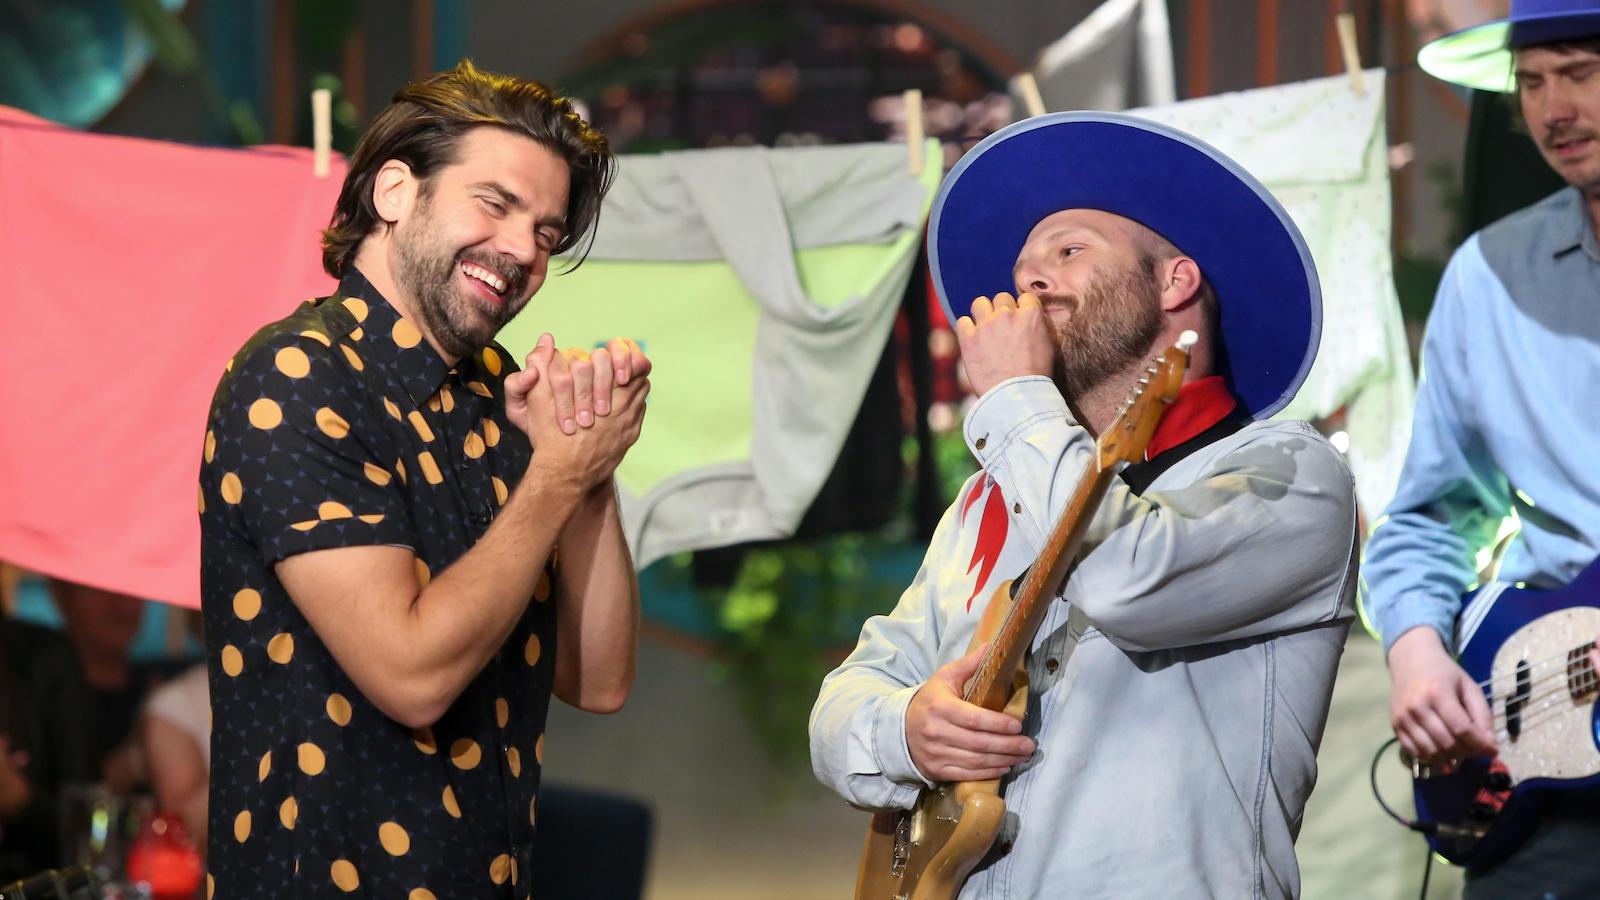 Les deux hommes rient.